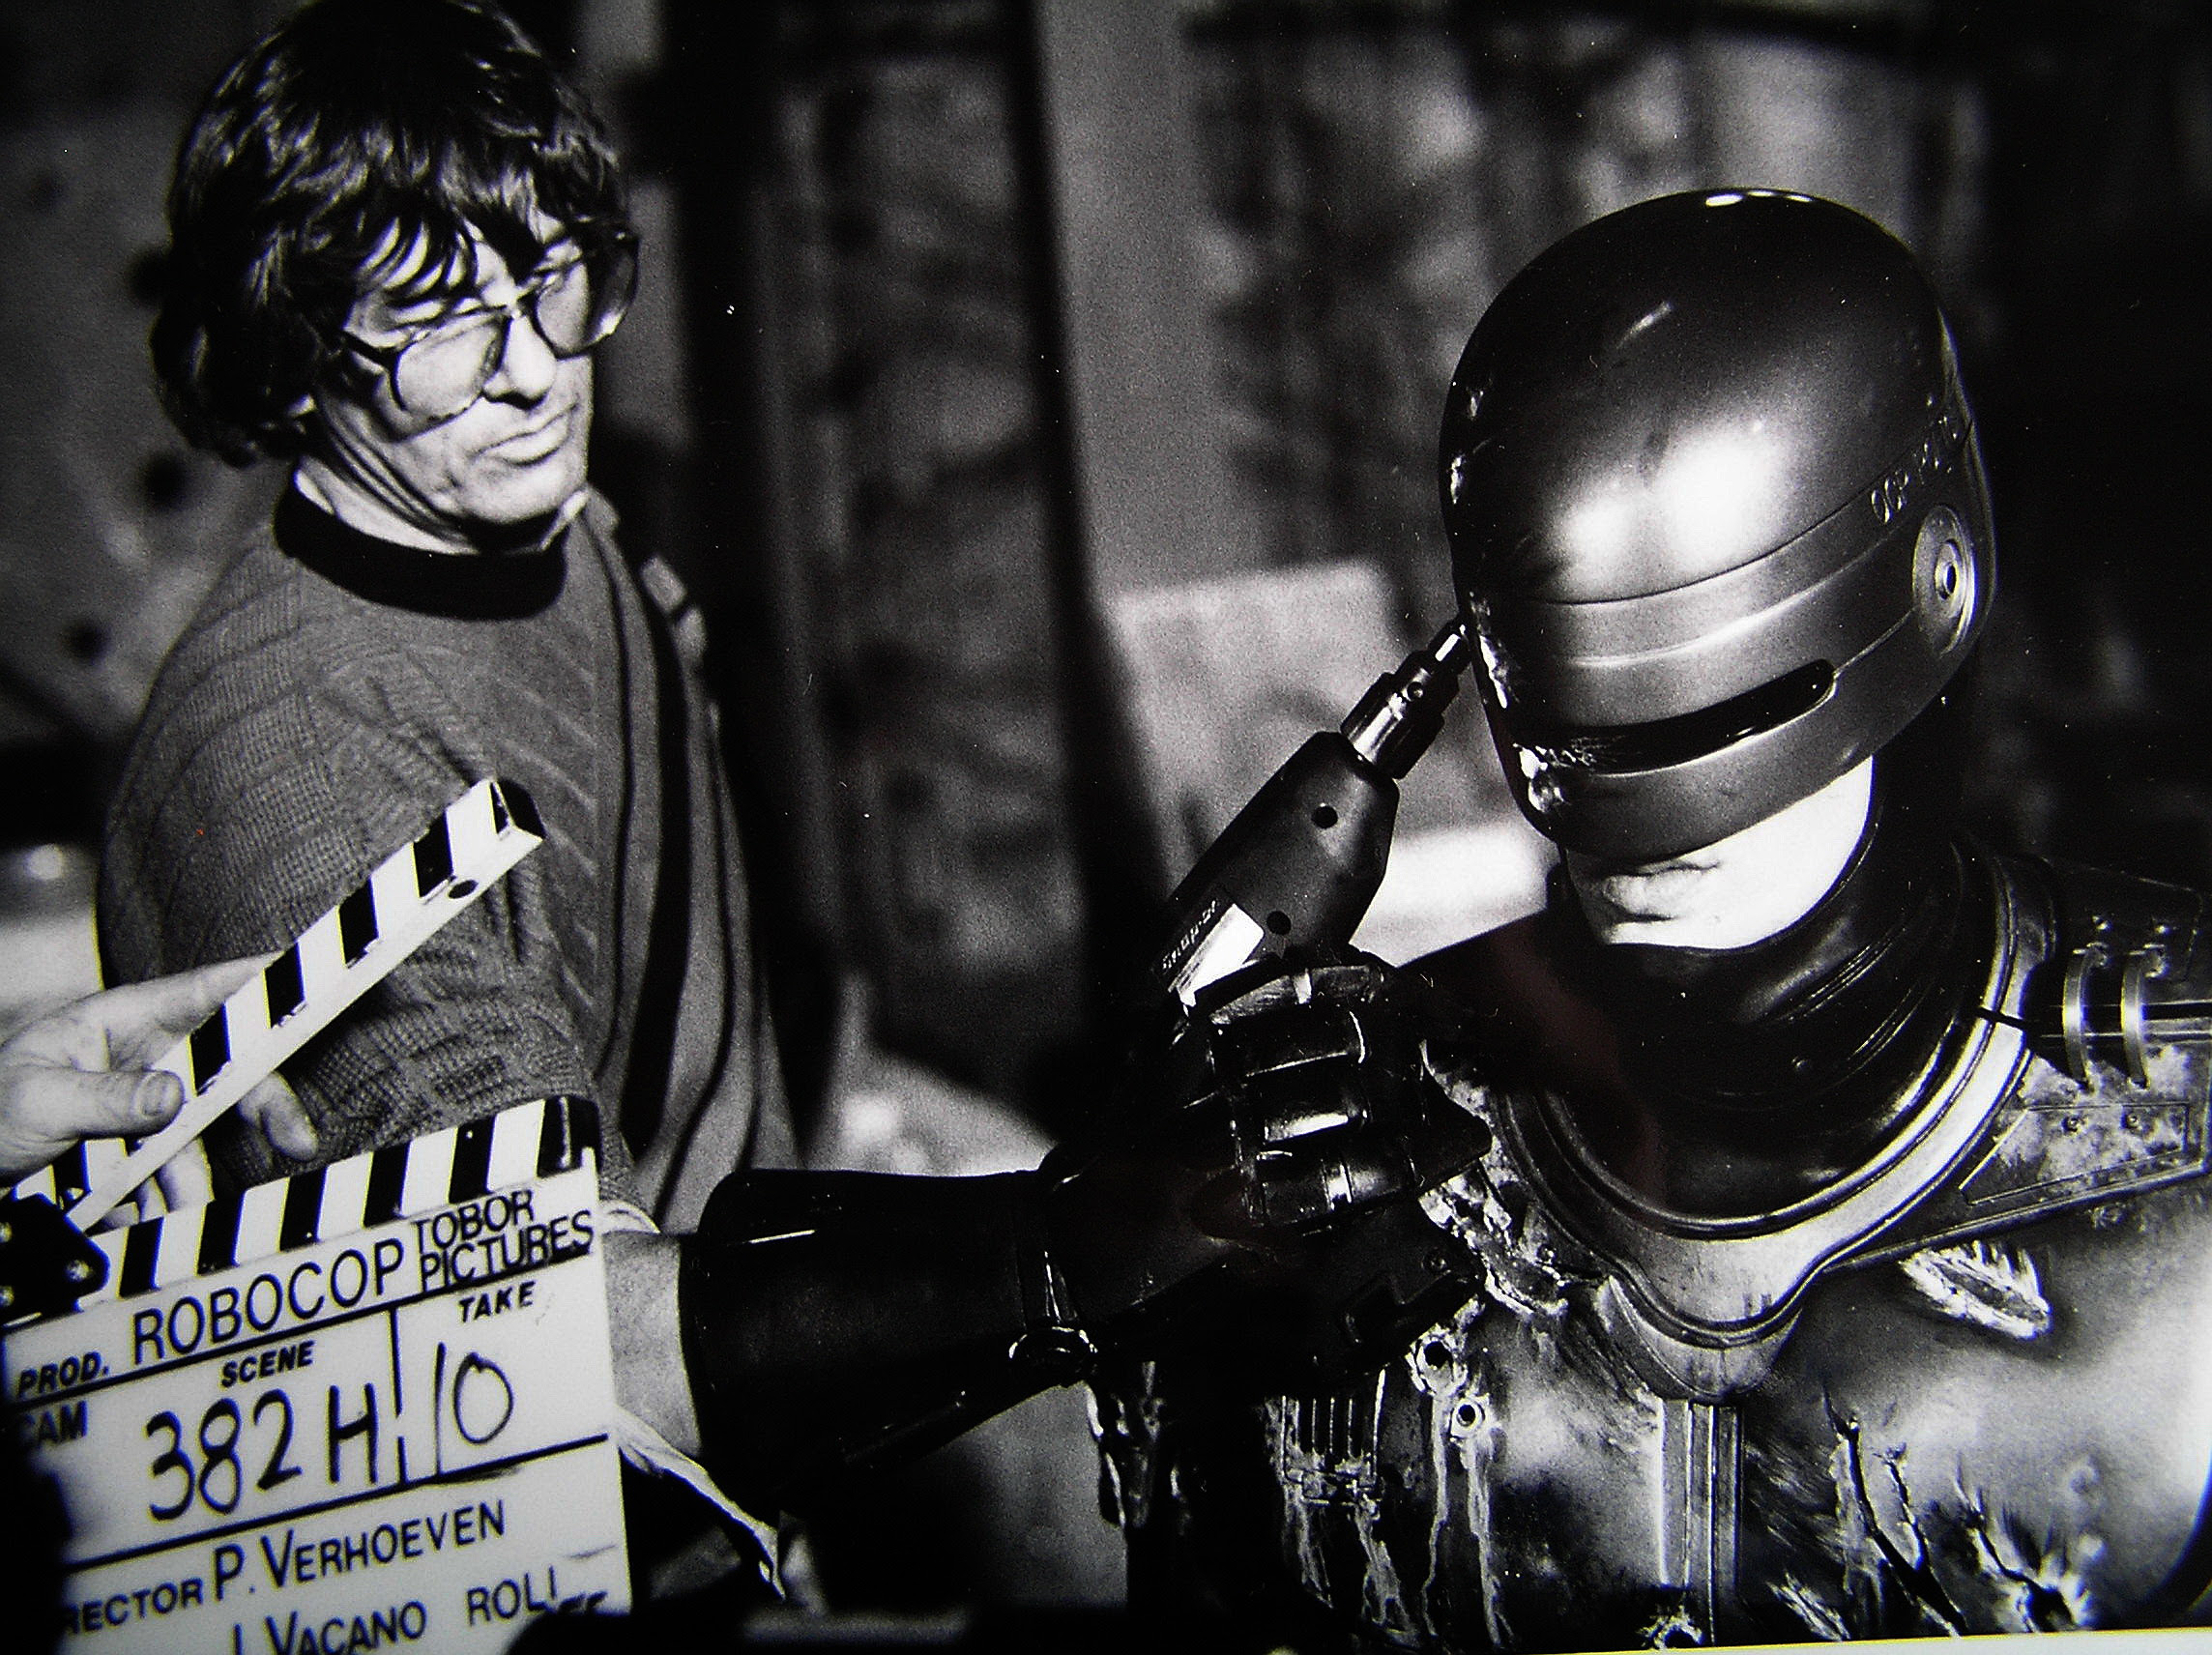 photo tournage coulisse cinema Robocop 55 Photos sur des tournages de films #2  photo featured cinema 2 bonus